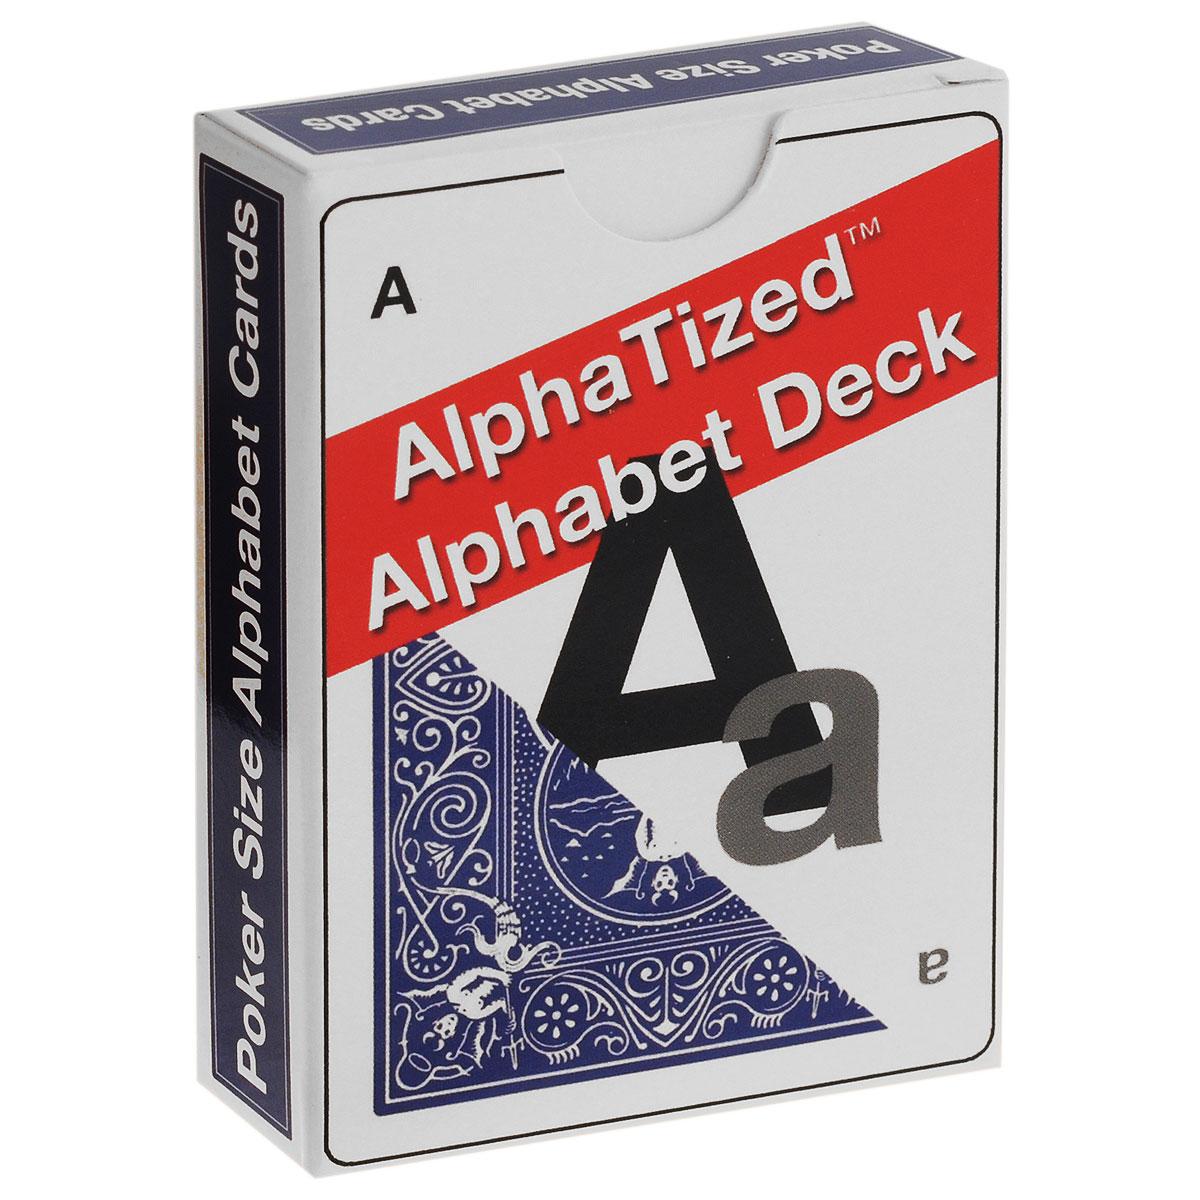 Карты для фокусов Lee Earl Алфавит, цвет: синий, белый, 54 штК-379Карты для фокусов Lee Earl Алфавит изготовлены из многослойного картона со специальным пластиковым покрытием, которое обеспечивает хорошее скольжение и жесткость, а также сохраняет карты от выцветания и изнашивания. Карты стандартного покерного размера и дизайна. Колода маркированная, и вы всегда сможете узнать по рубашке, какая буква скрыта за ней. Колода состоит из 54 карт. На 26 картах напечатаны черные заглавные буквы, 26 остальных серого цвета. Алфавитную колоду в последнее время было найти гораздо труднее, чем честного политика! Но теперь они снова доступны. Карты имеют прекрасное качество, изготовлены на заводе USPCC.